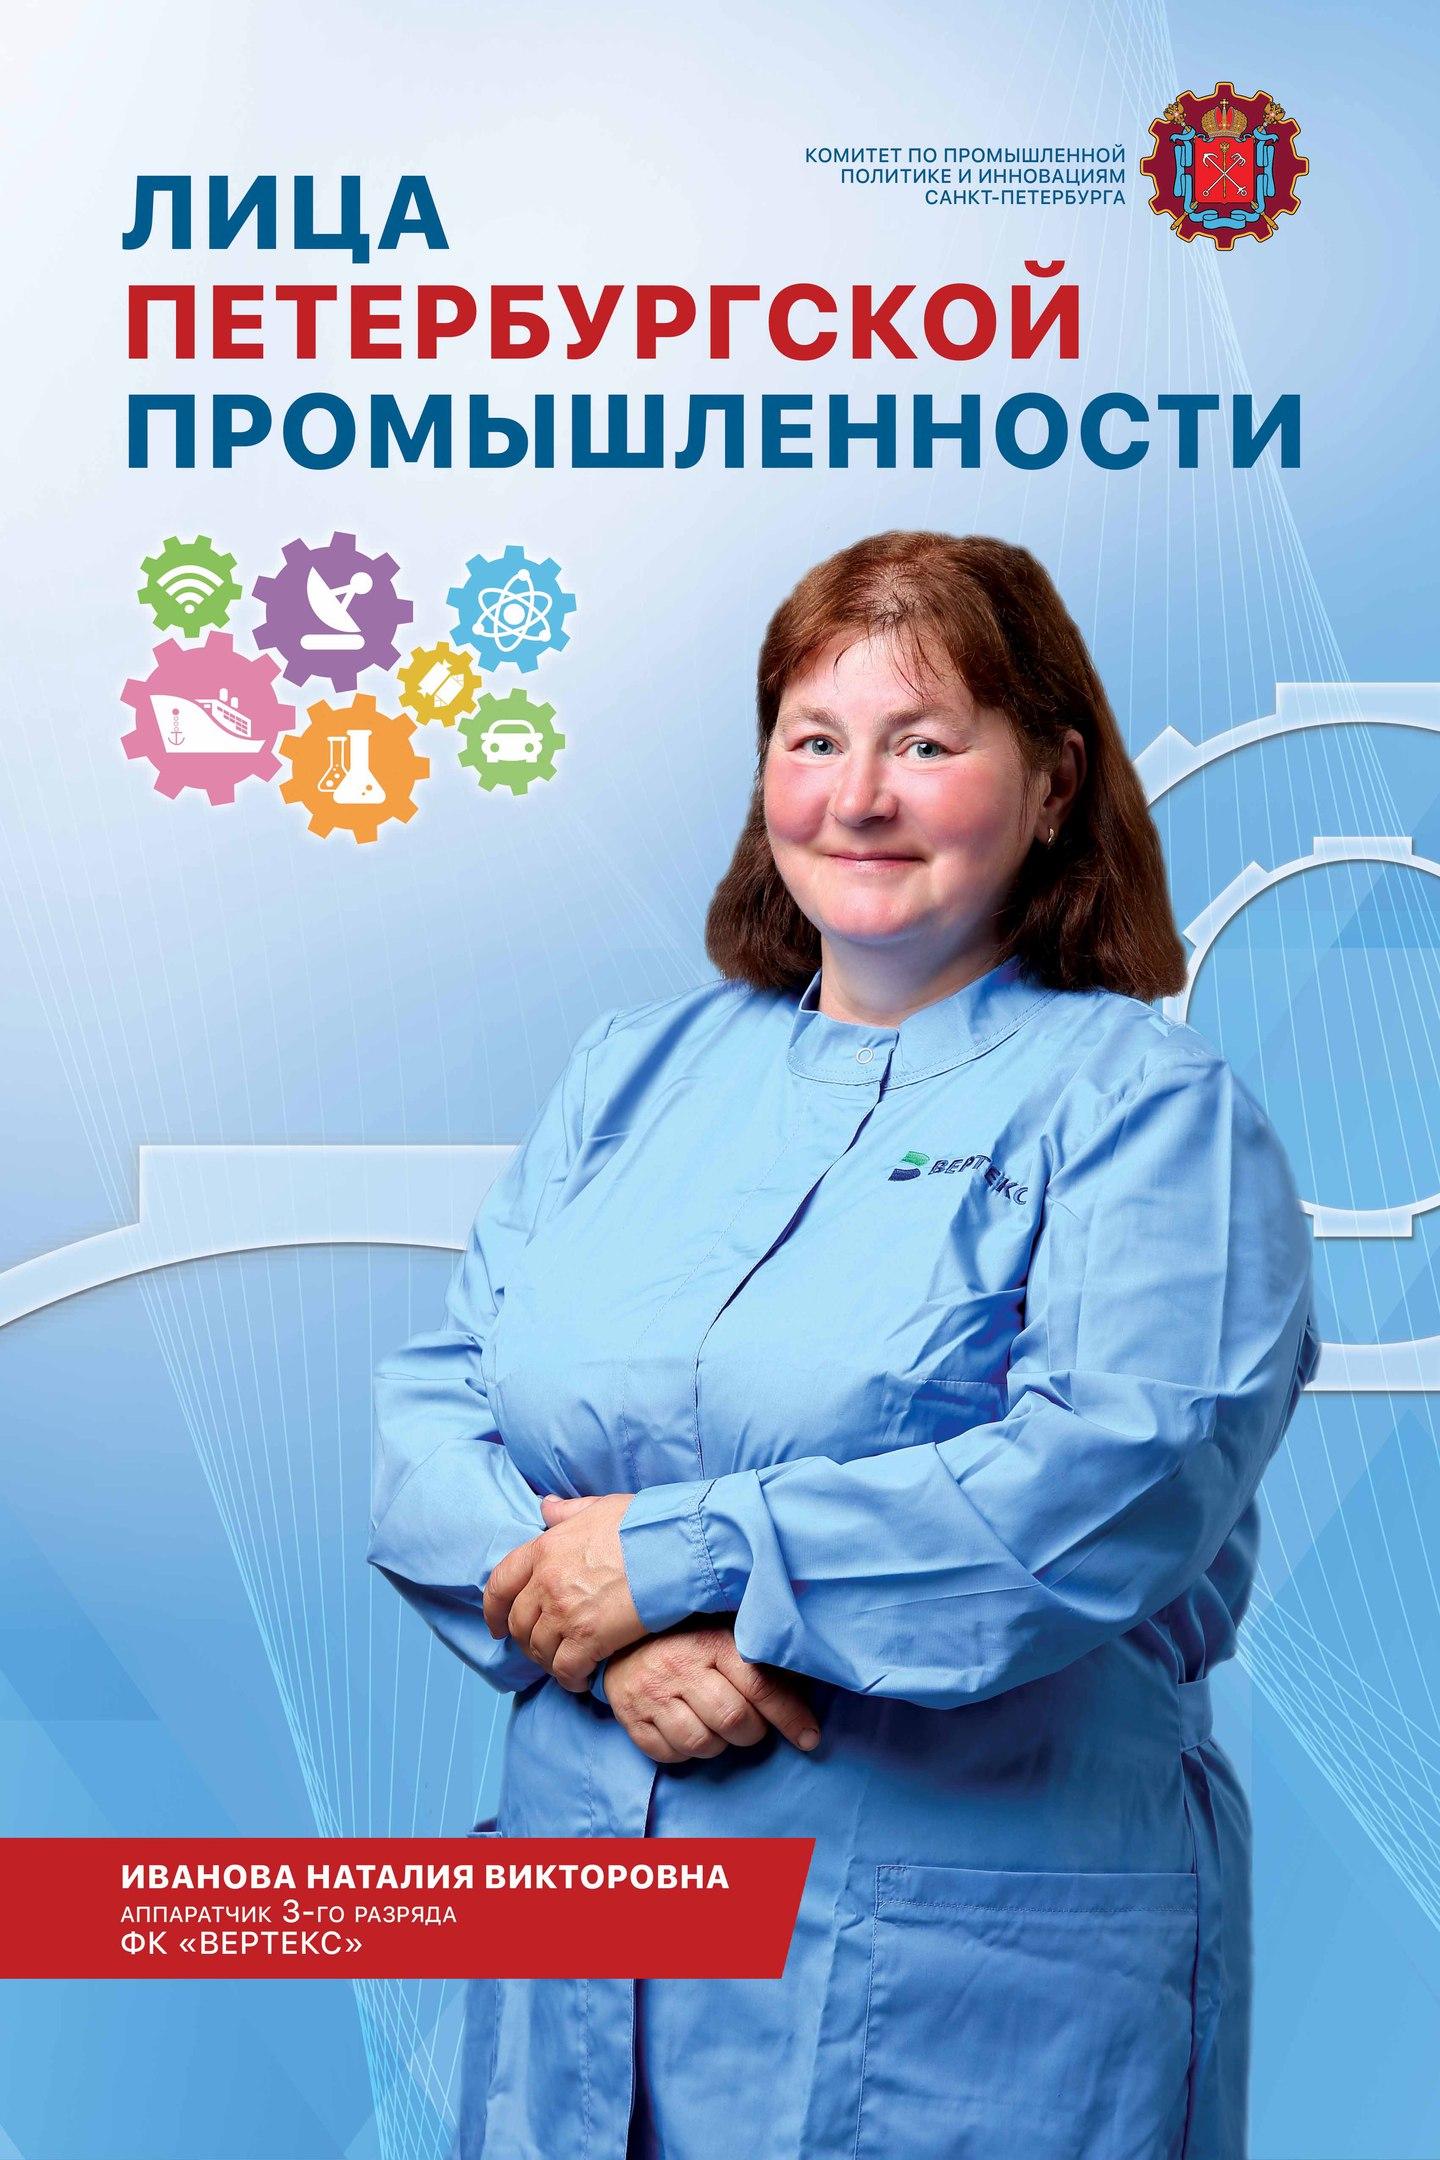 Лица пб промышленности_Н. В. Иванова.jpg